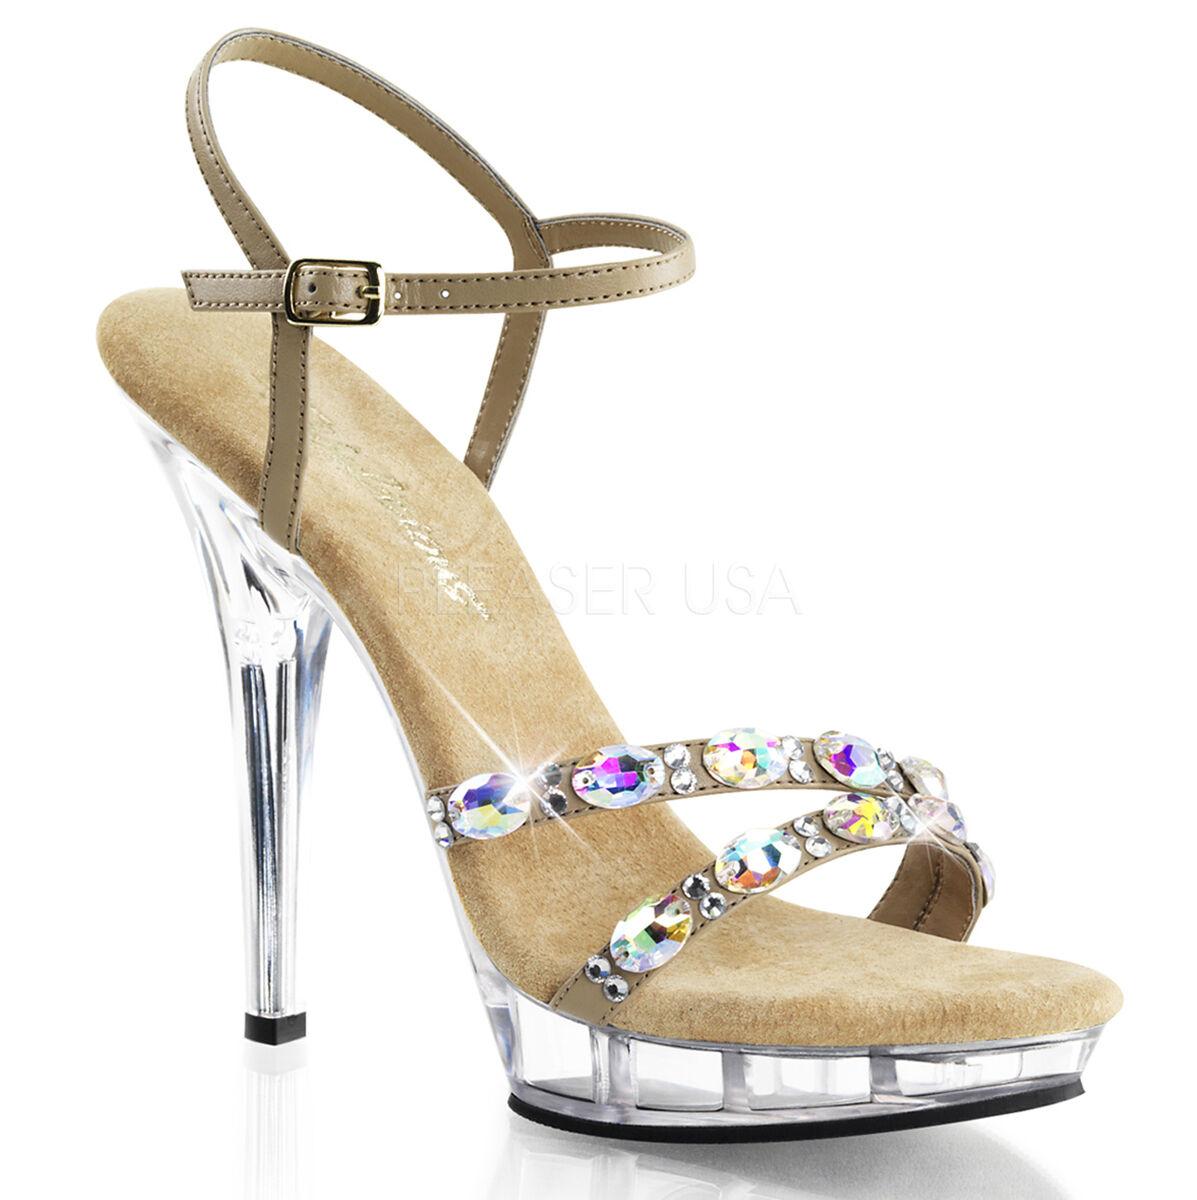 5  claro cristales cristales cristales tacones nude Fitness concurso competencia NPC reglamento Zapatos  diseño único